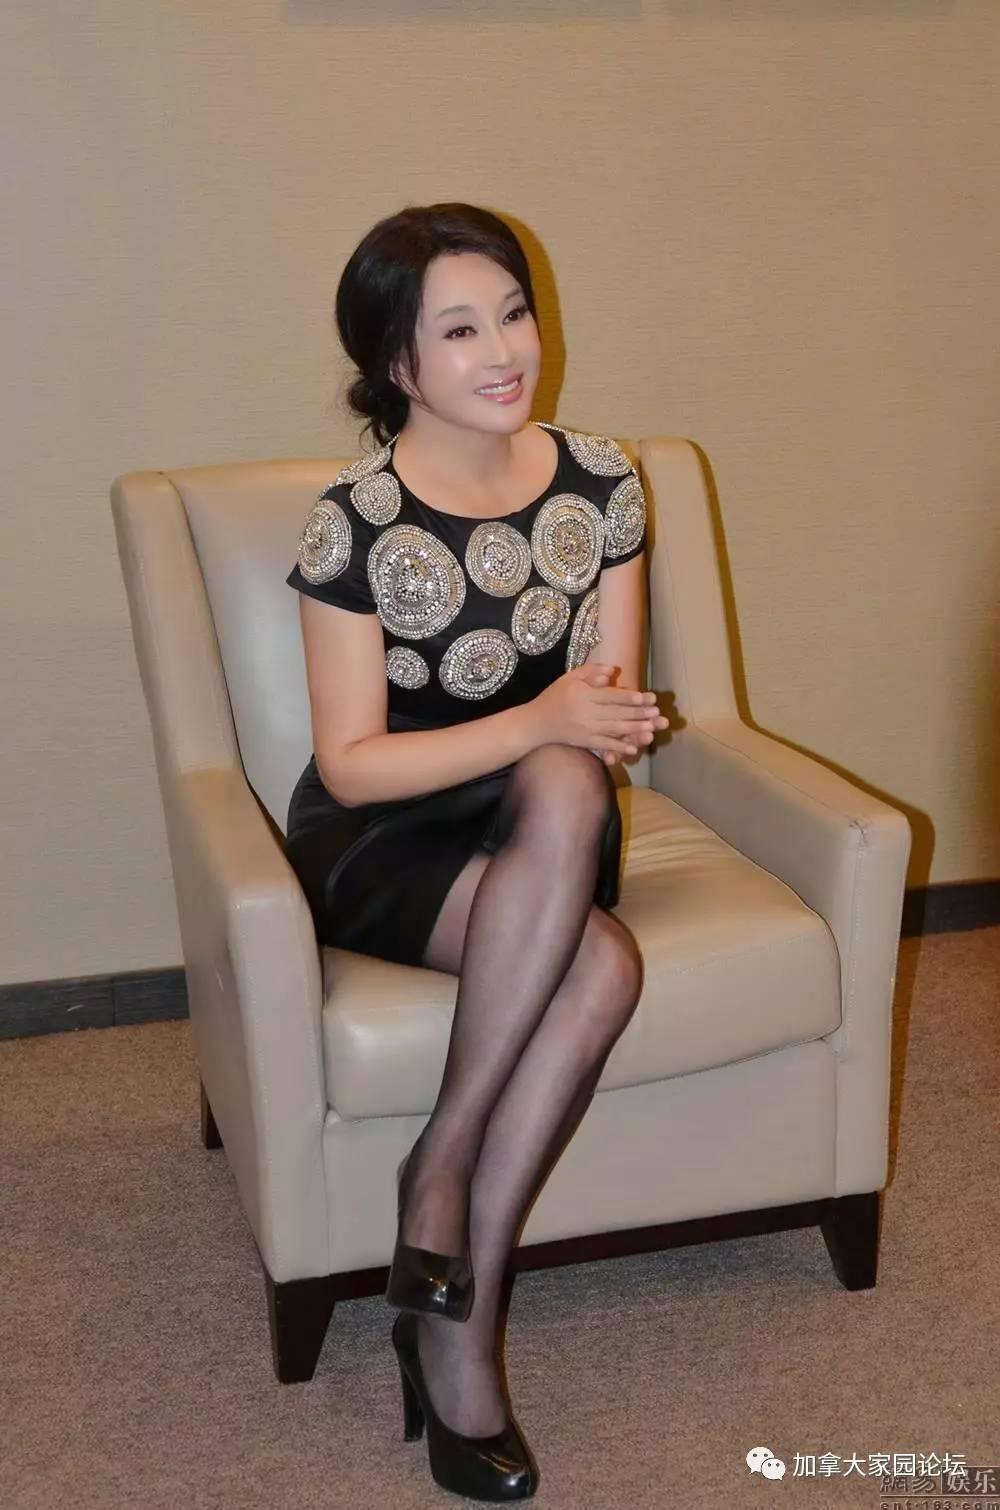 娱乐重磅:明星雇保姆被坑惨 甄子丹,李静,吴启华 刘晓庆.